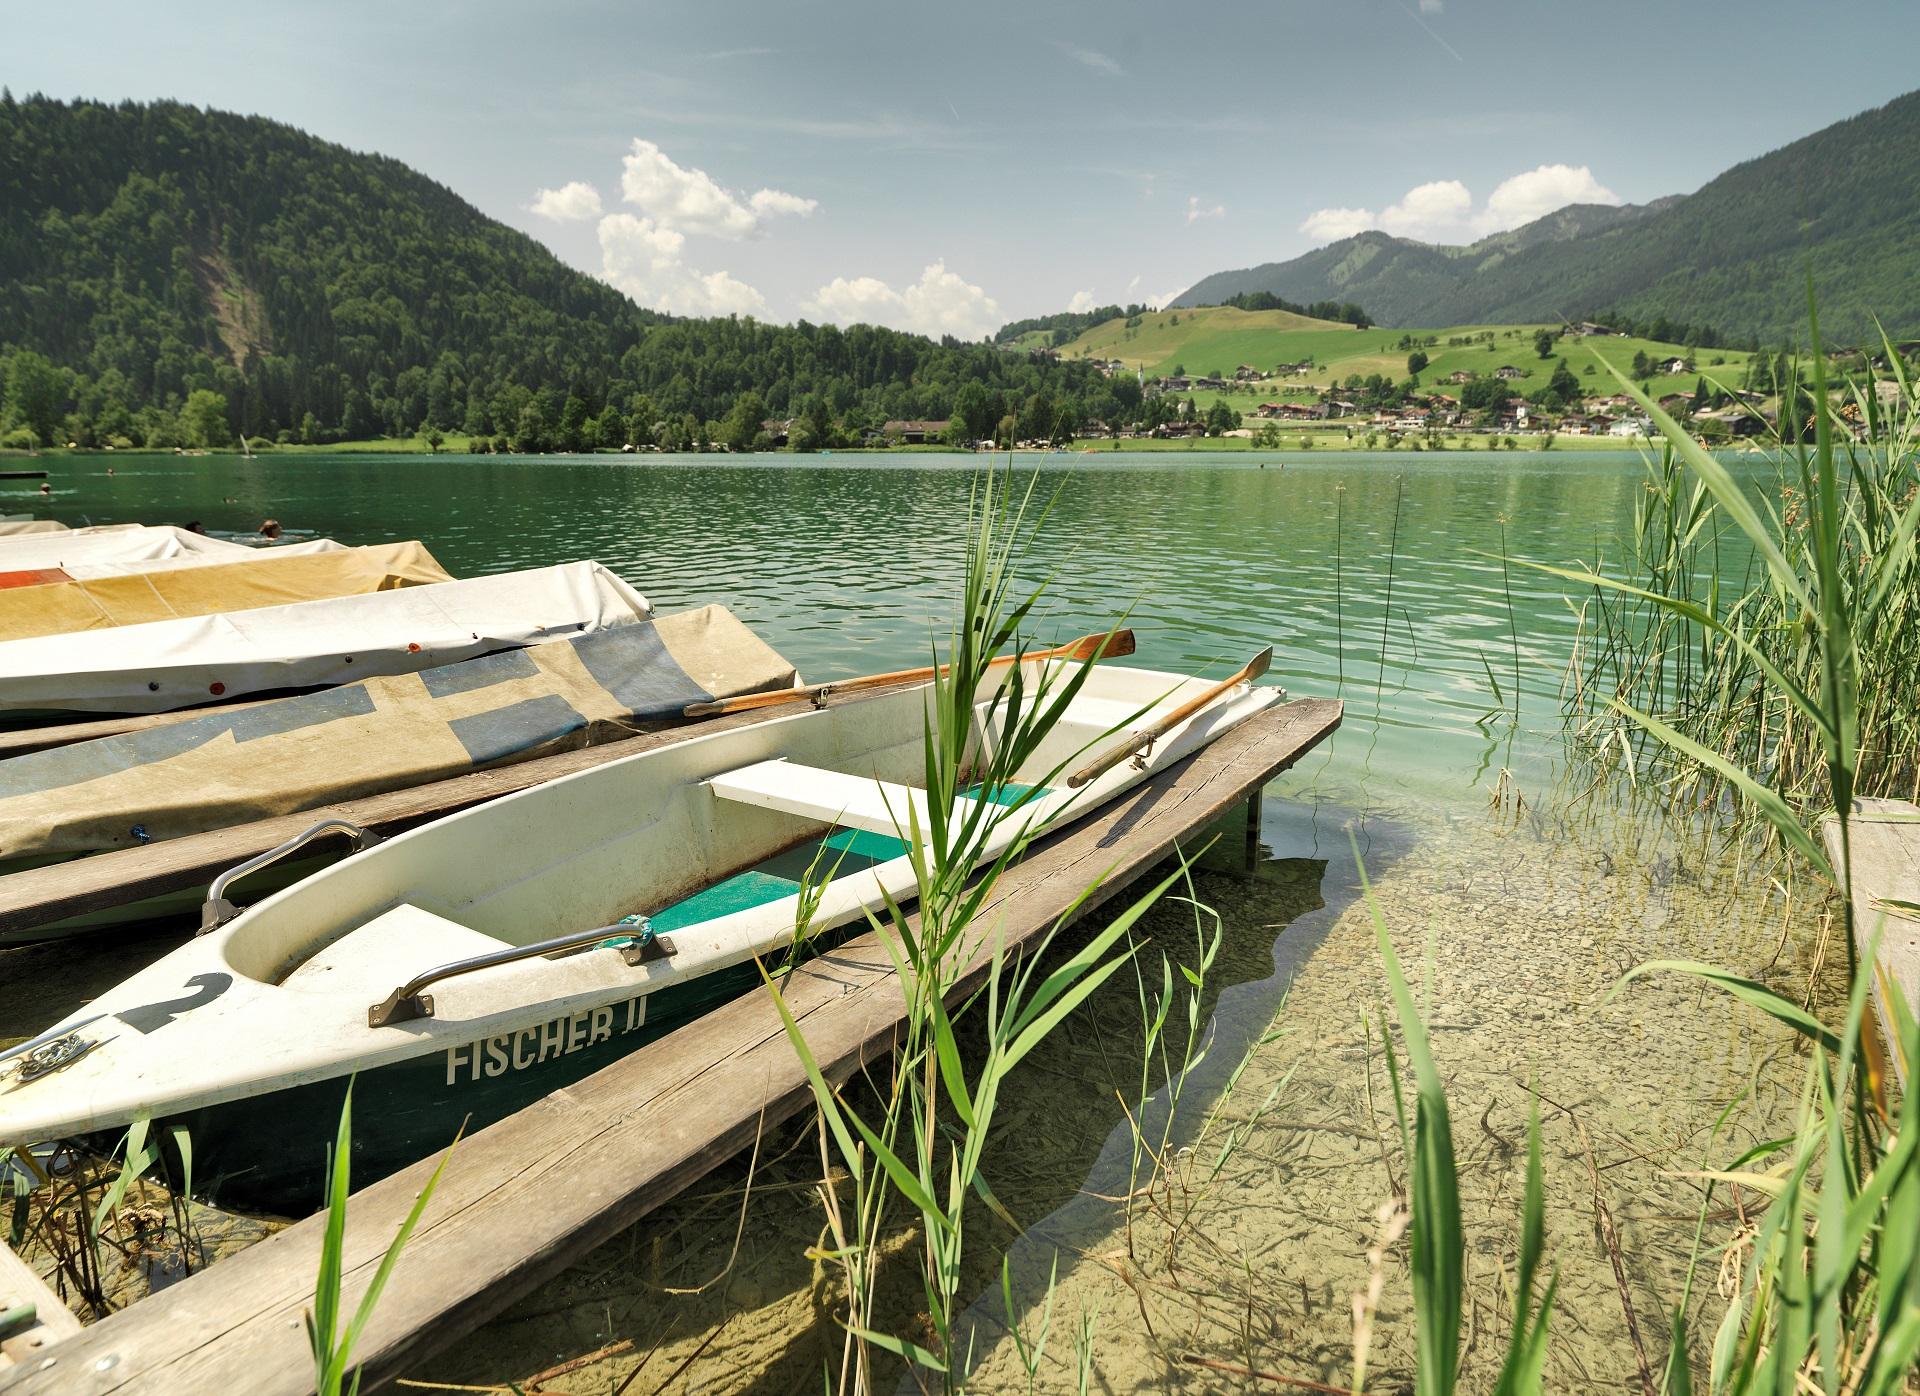 Rund um den See gibt es einige ruhige Buchten und Liegewiesen